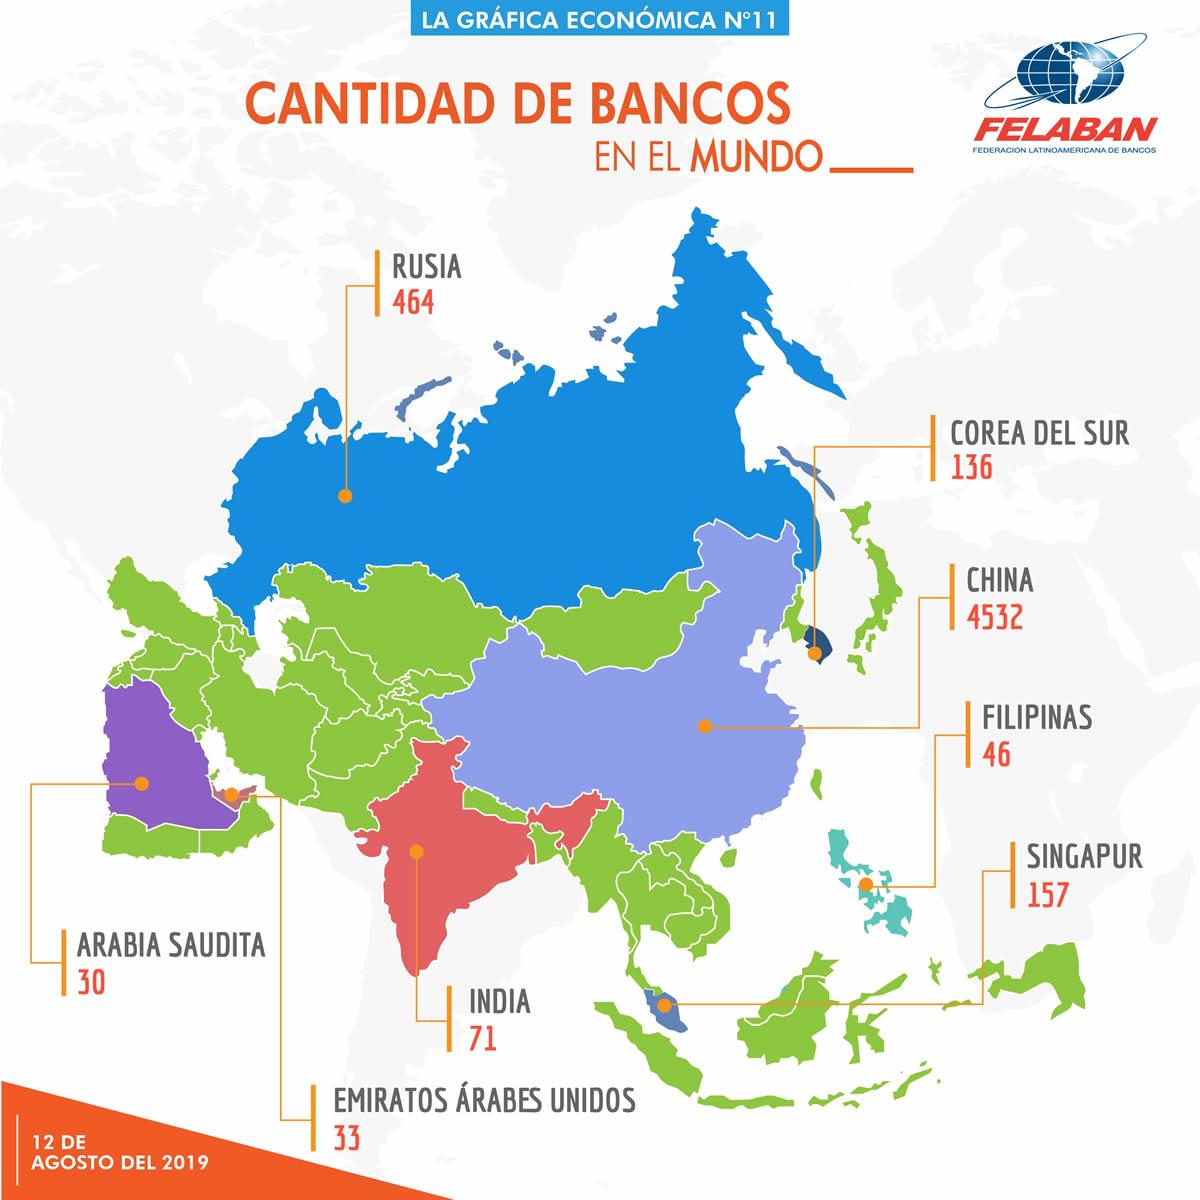 Gráfica Económica Nro 11-3 - ¿Cuántos bancos hay en América Latina y en otras regiones del mundo?